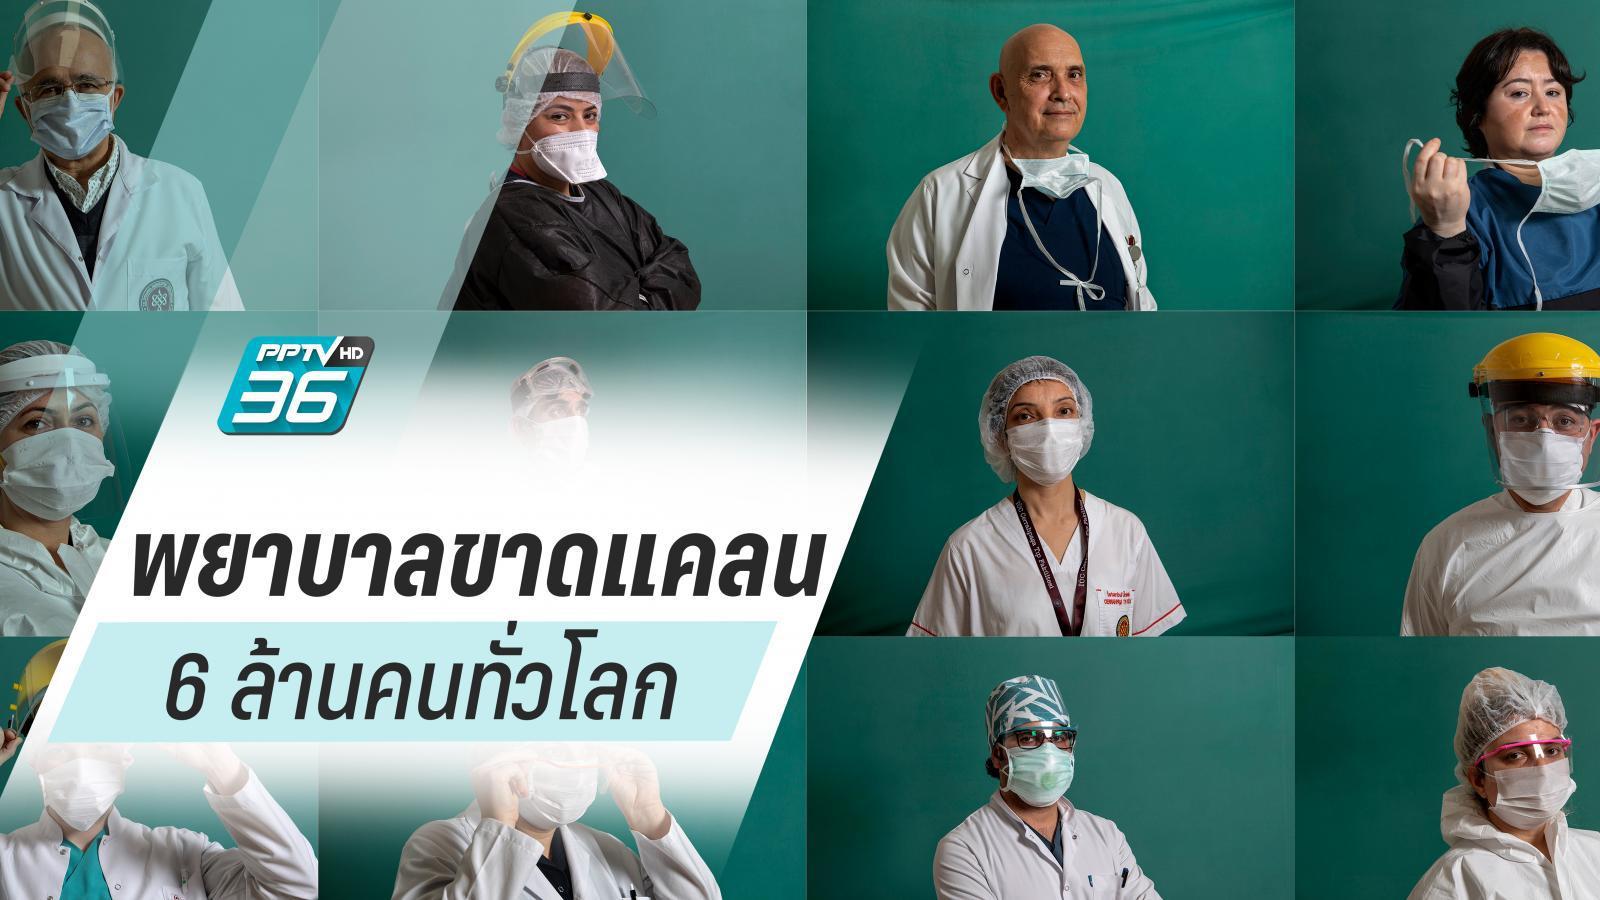 โลกกำลังขาดแคลนพยาบาลราว  6 ล้านคน เพื่อเผชิญกับการแพร่ระบาดโควิด-19